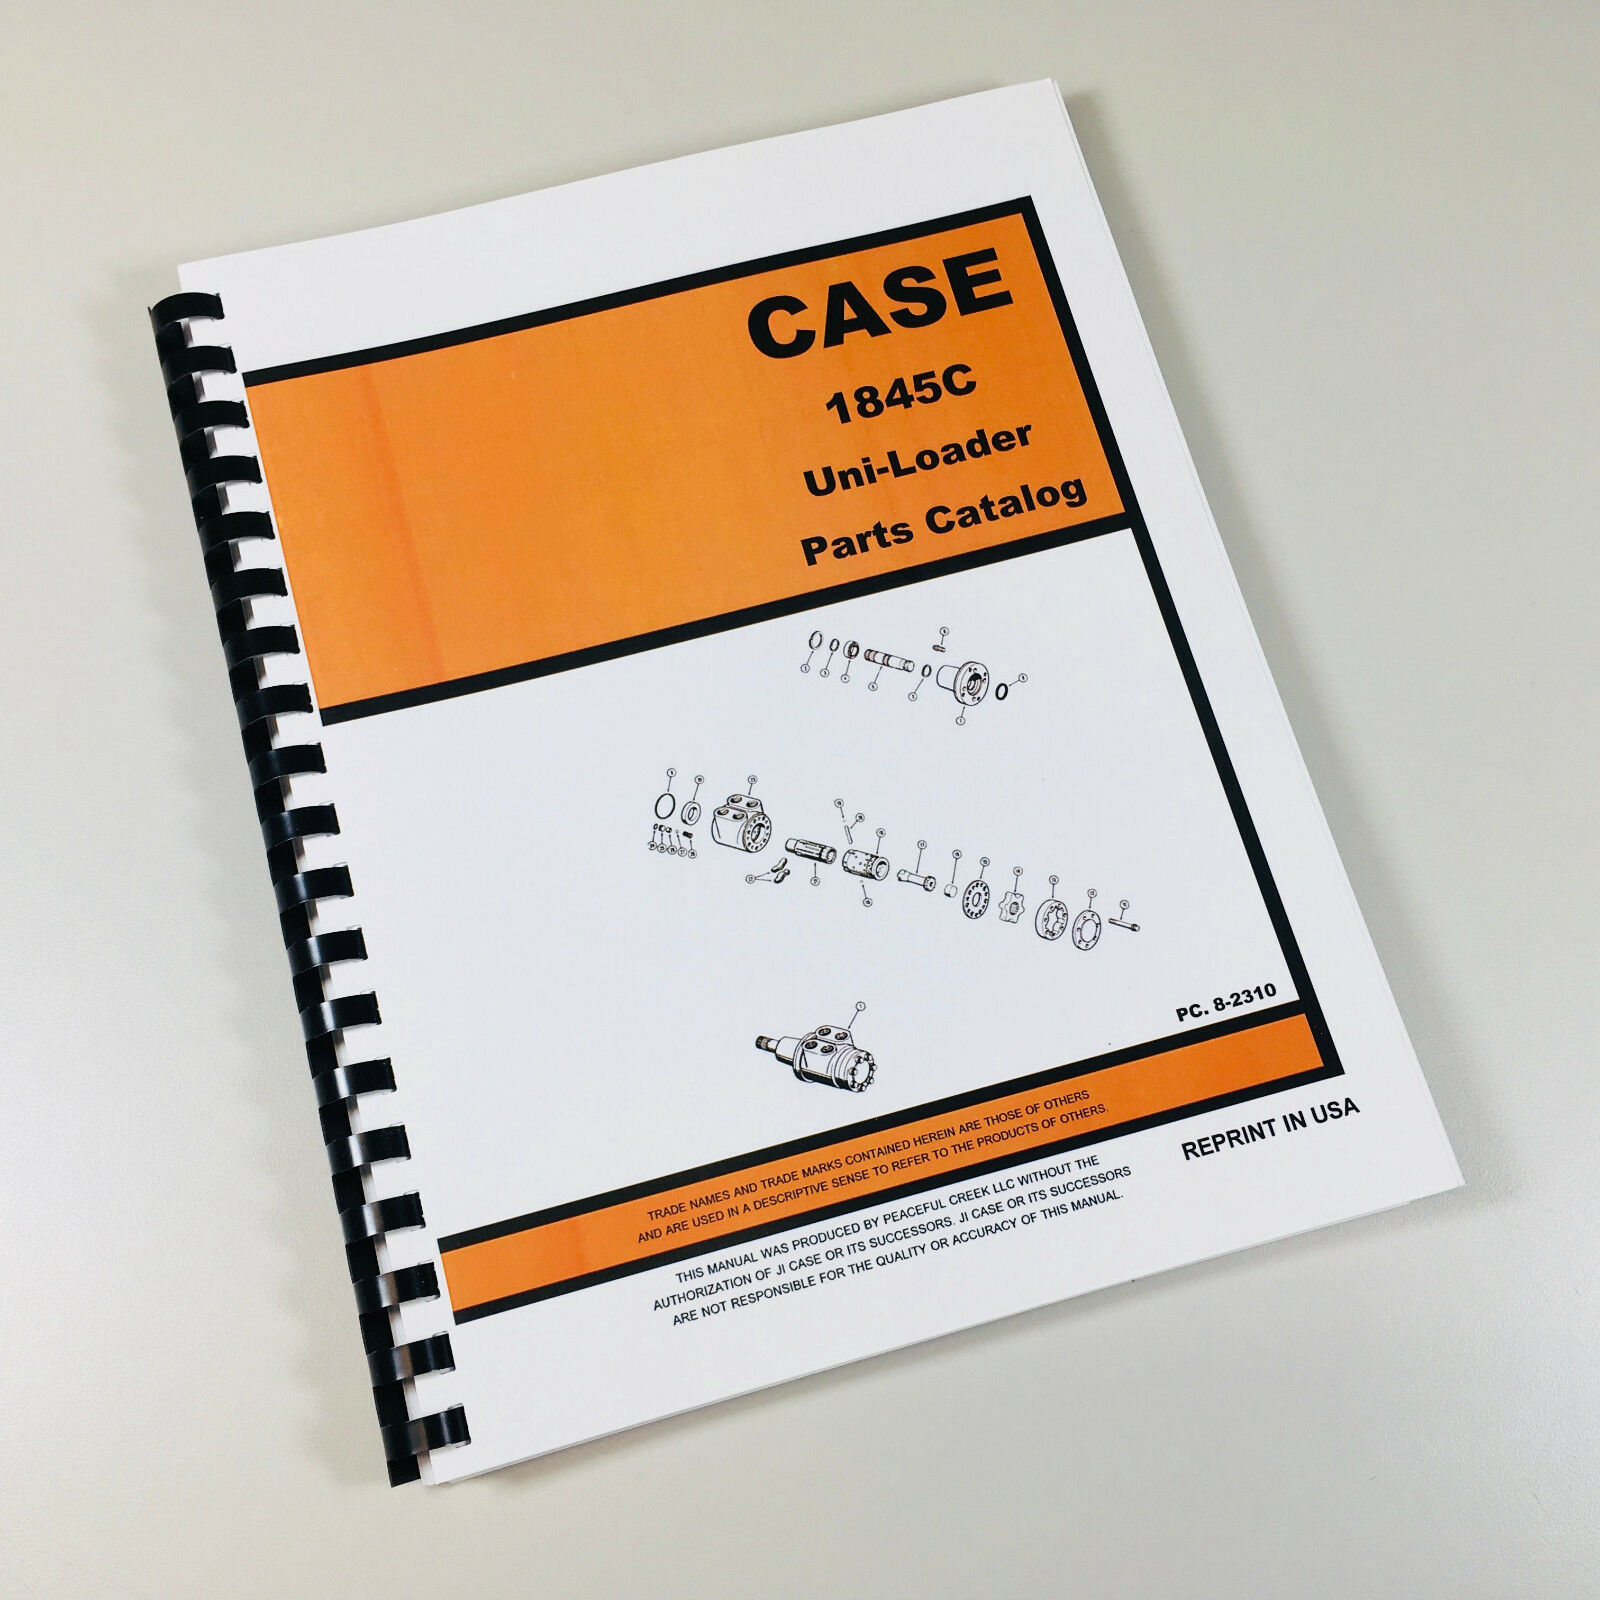 1845C CASE UNI-LOADER. 200 Pages. Parts Manual Includes: